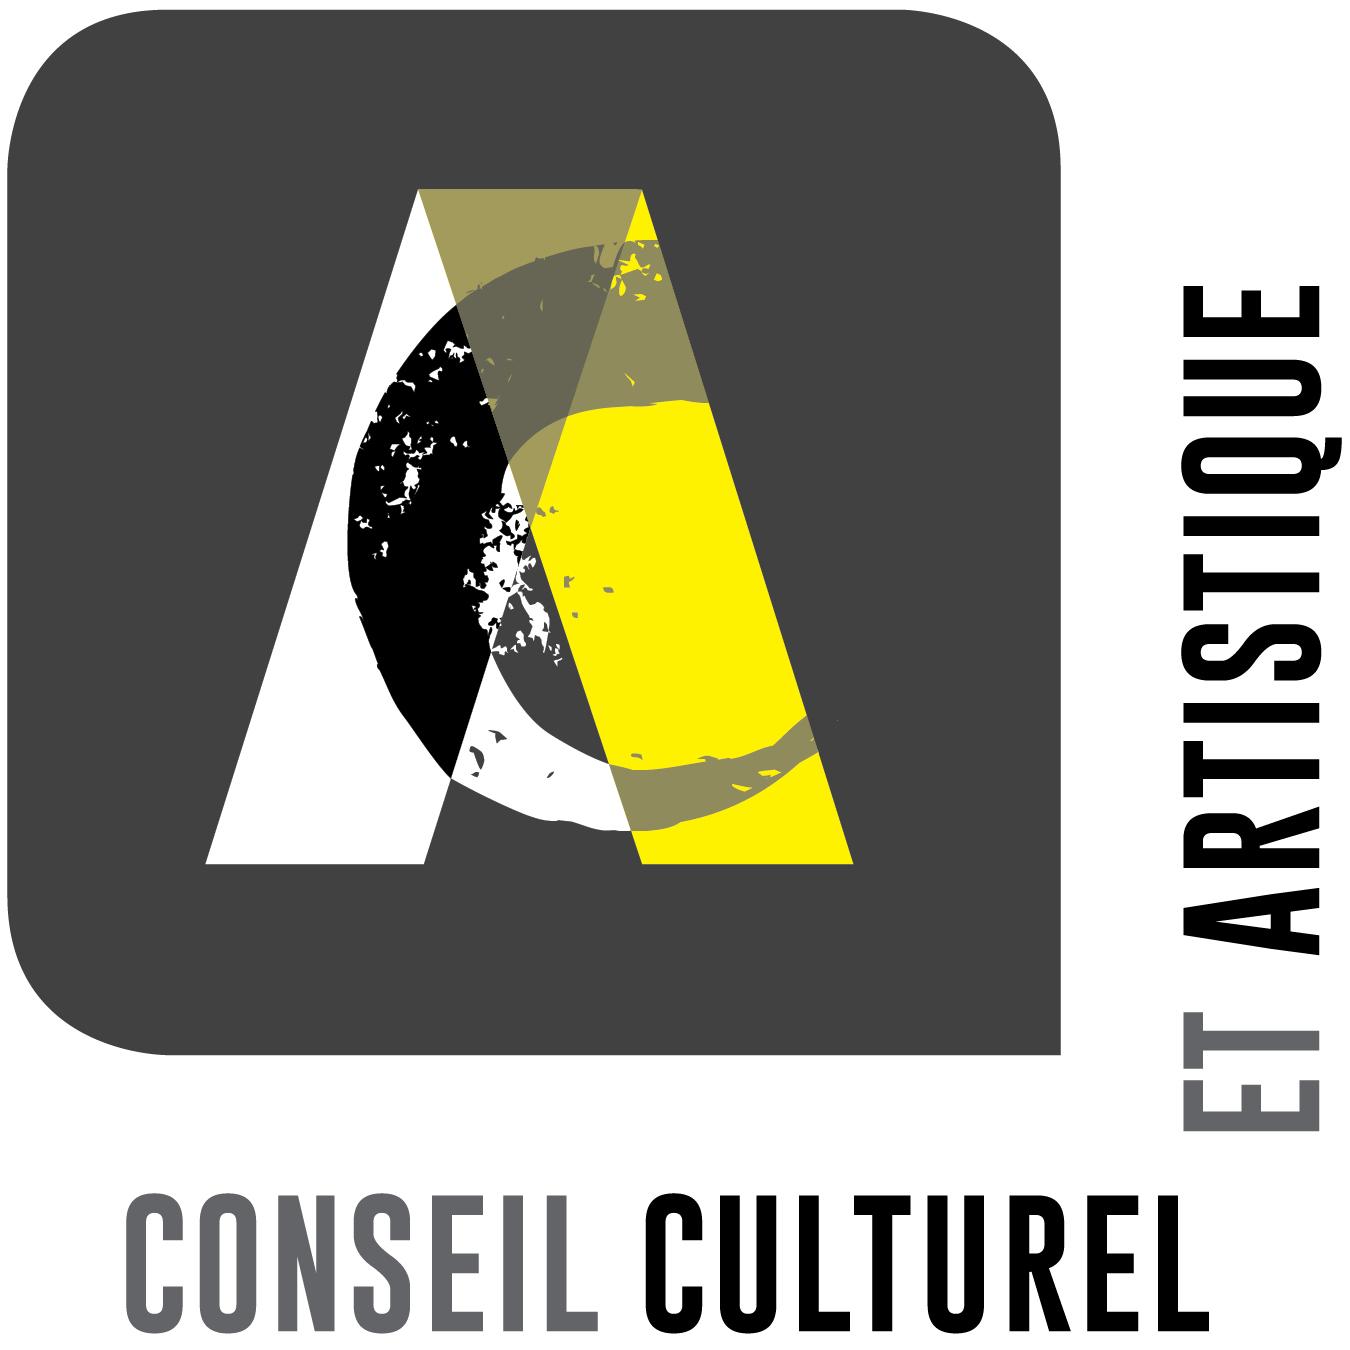 Conseil culturel et artistique francophone de la Colombie-Britannique -